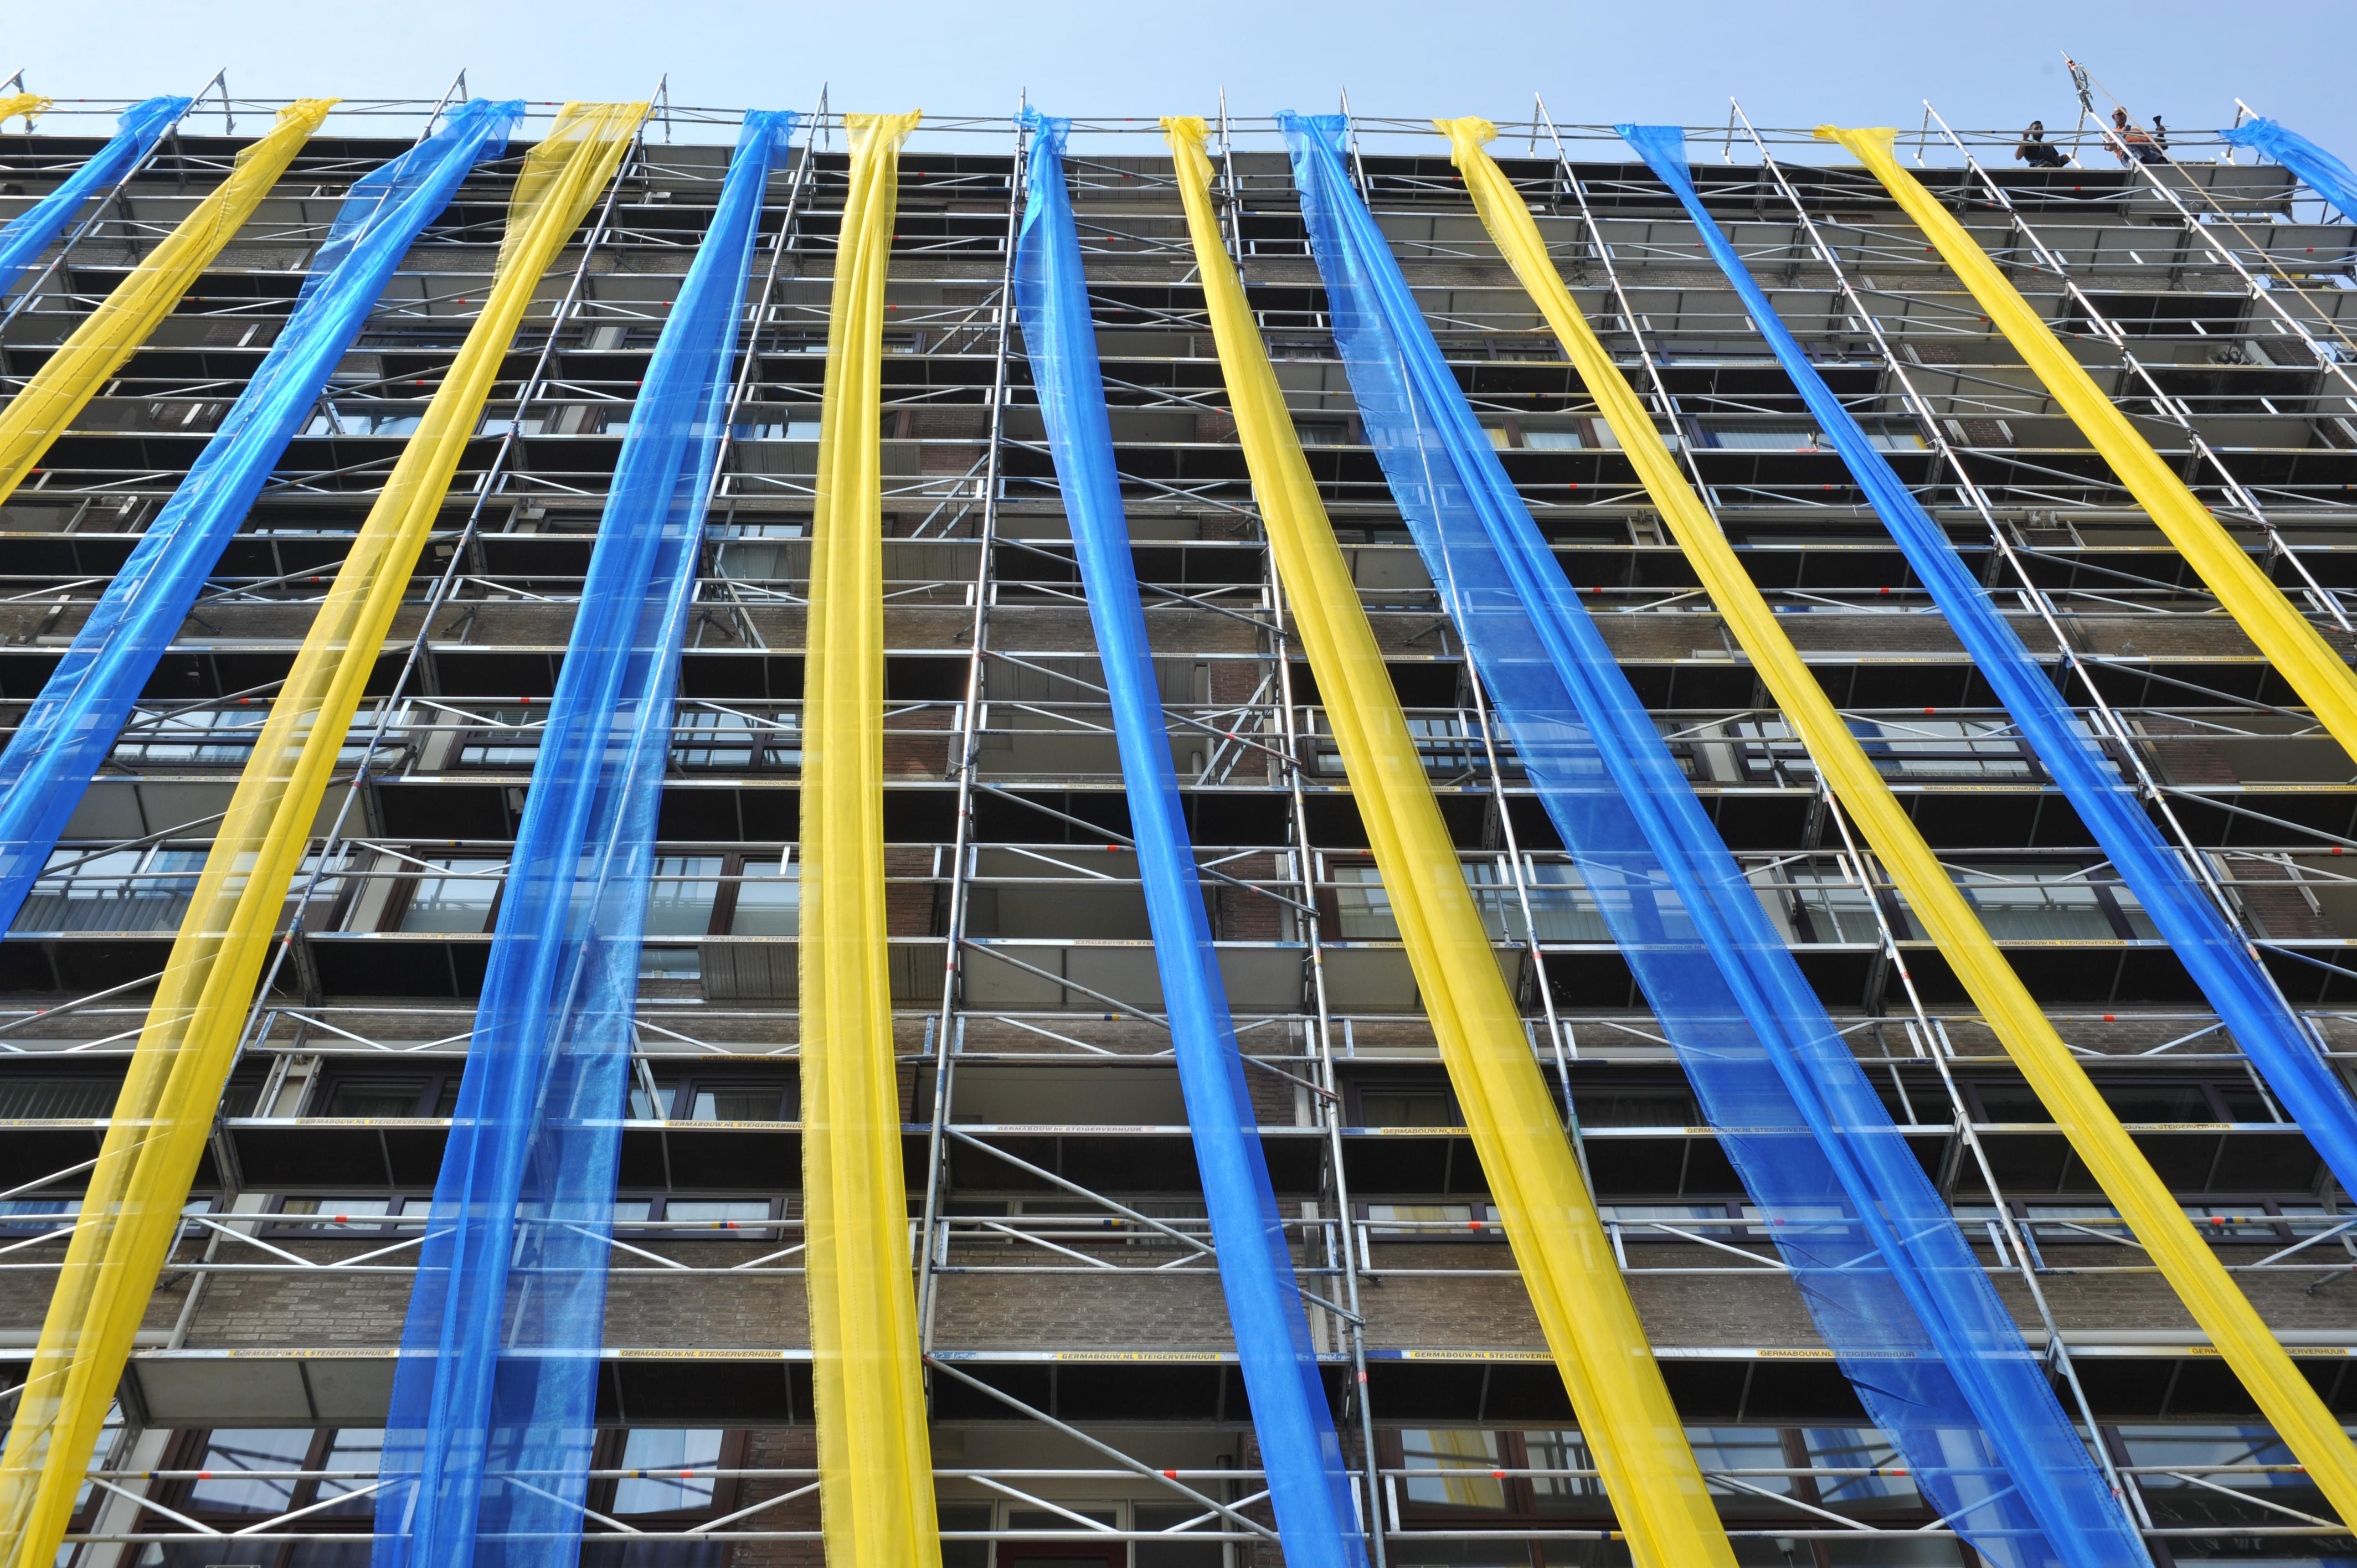 Cas Pronk gaat Beverwijkse landmark uit 1968 renoveren. 'Gordijnen blijven niet drie maanden dicht'